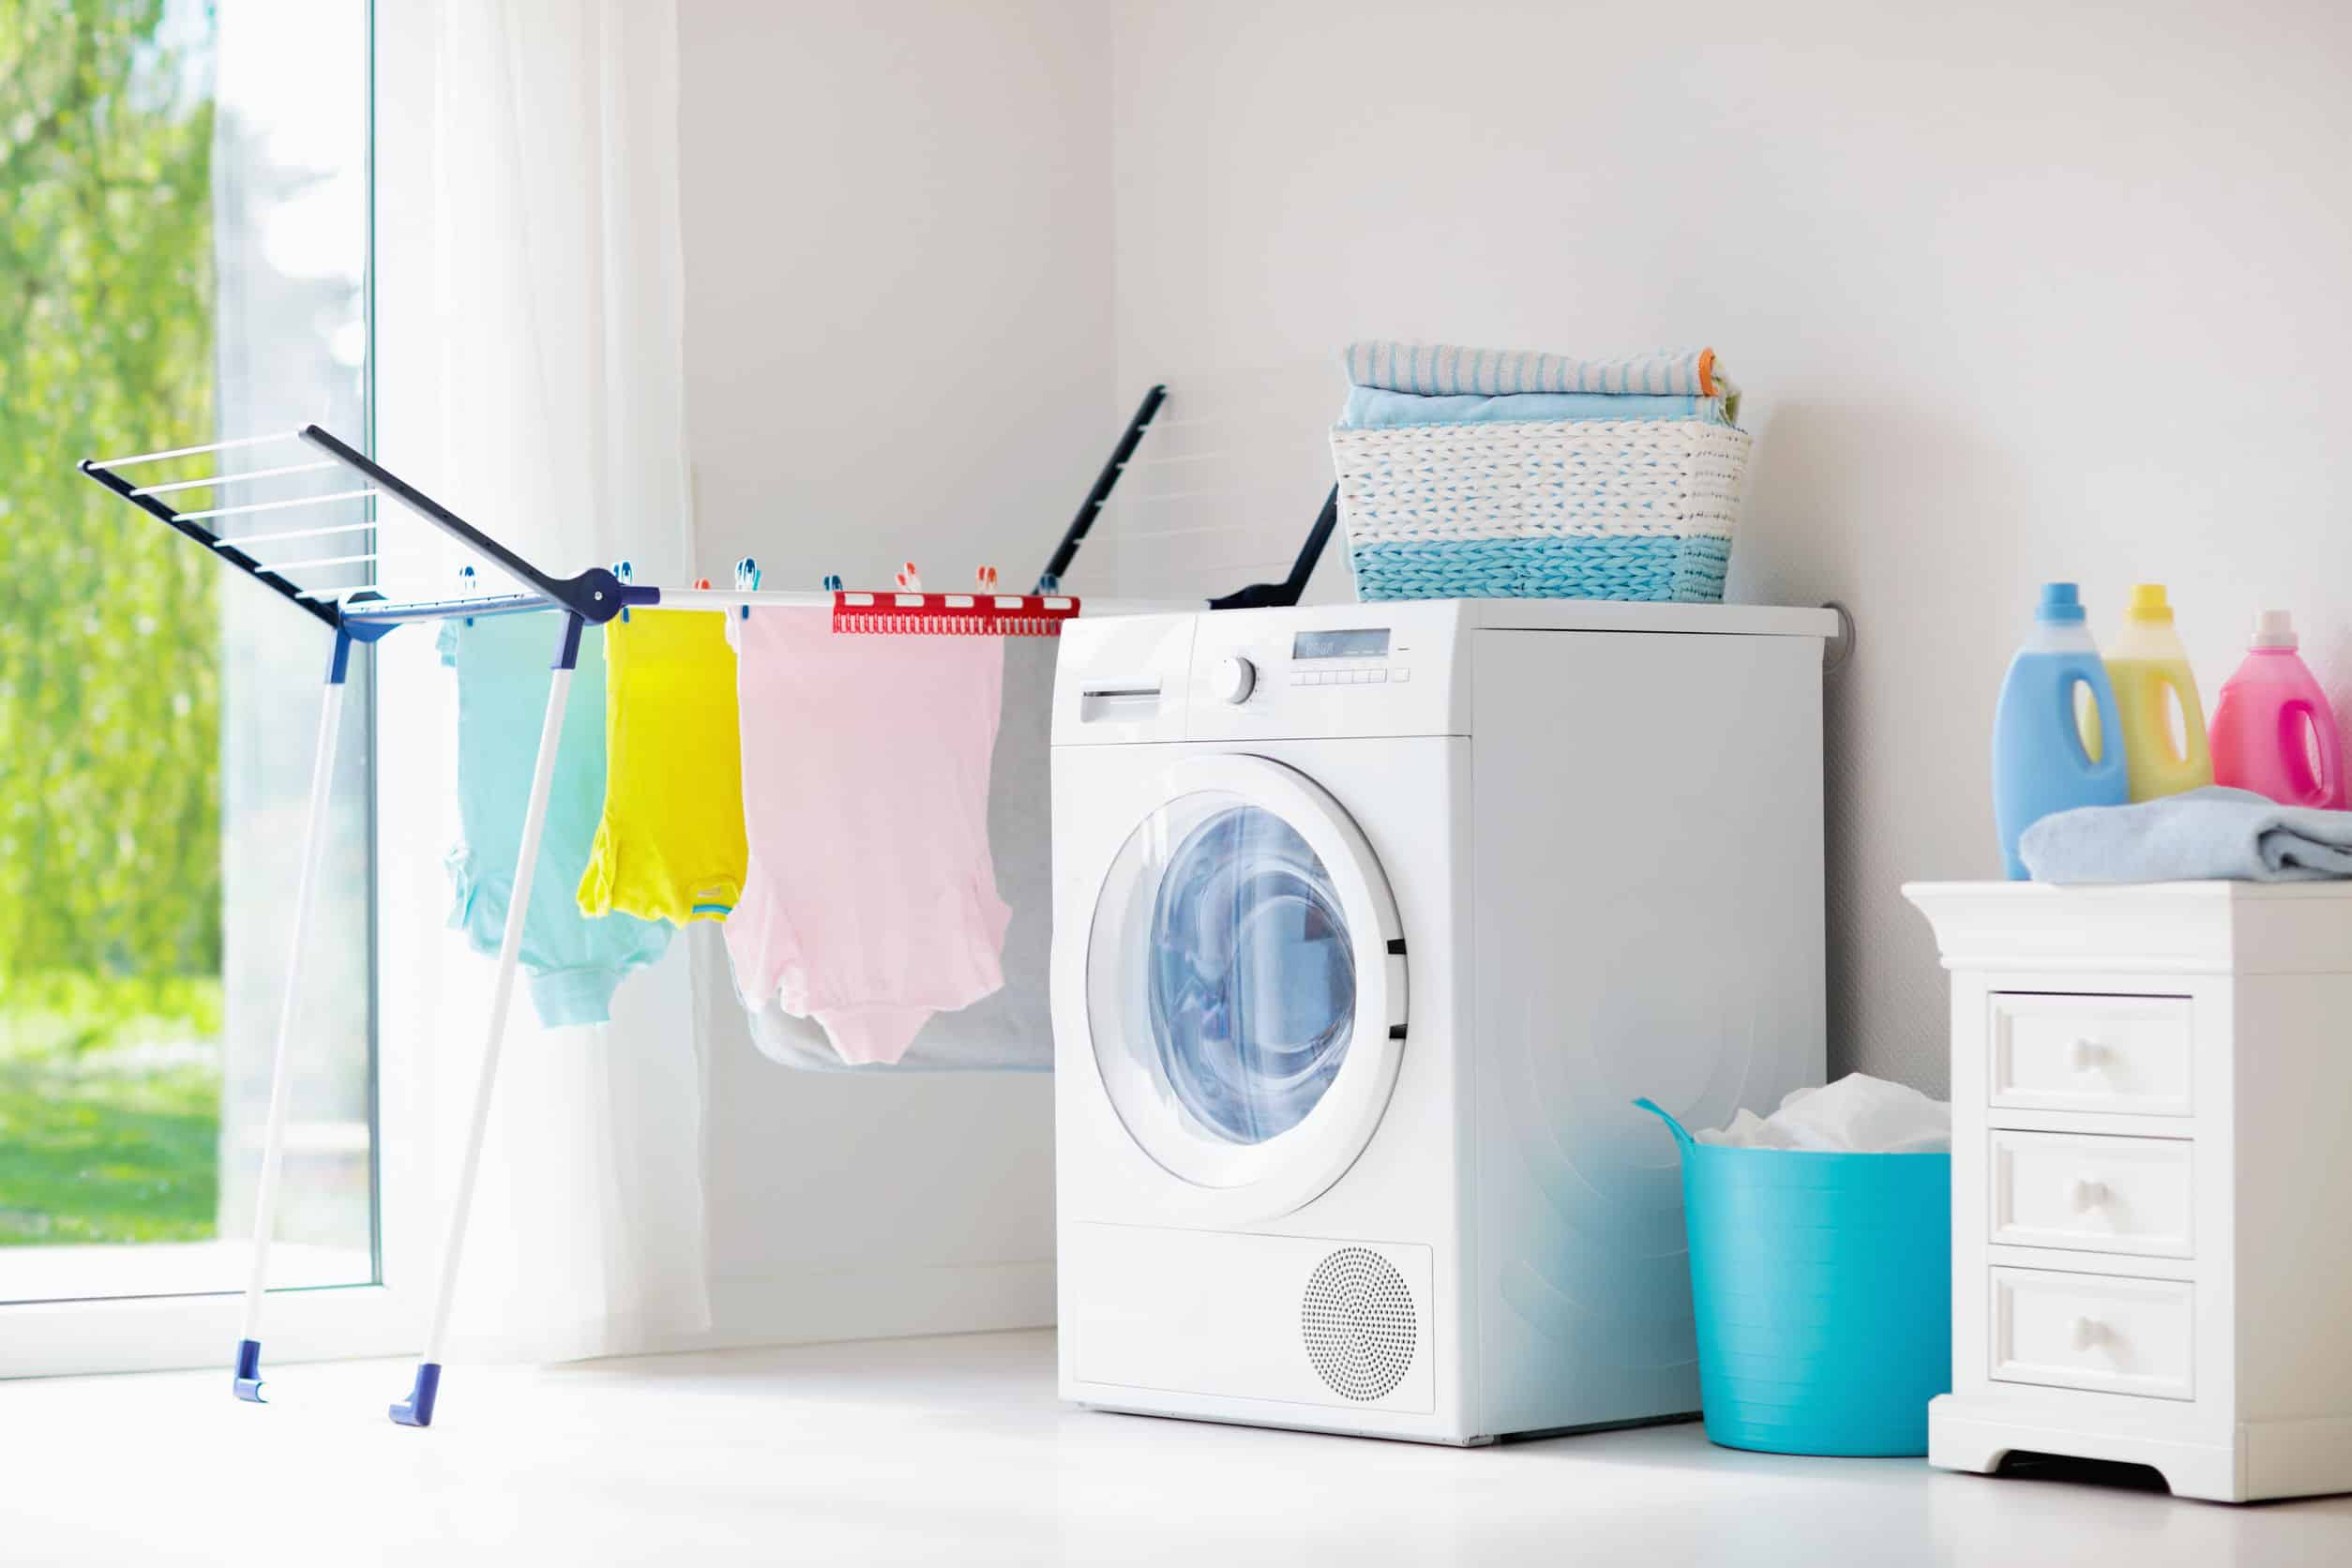 Wäscheständer: Test & Empfehlungen (04/21)